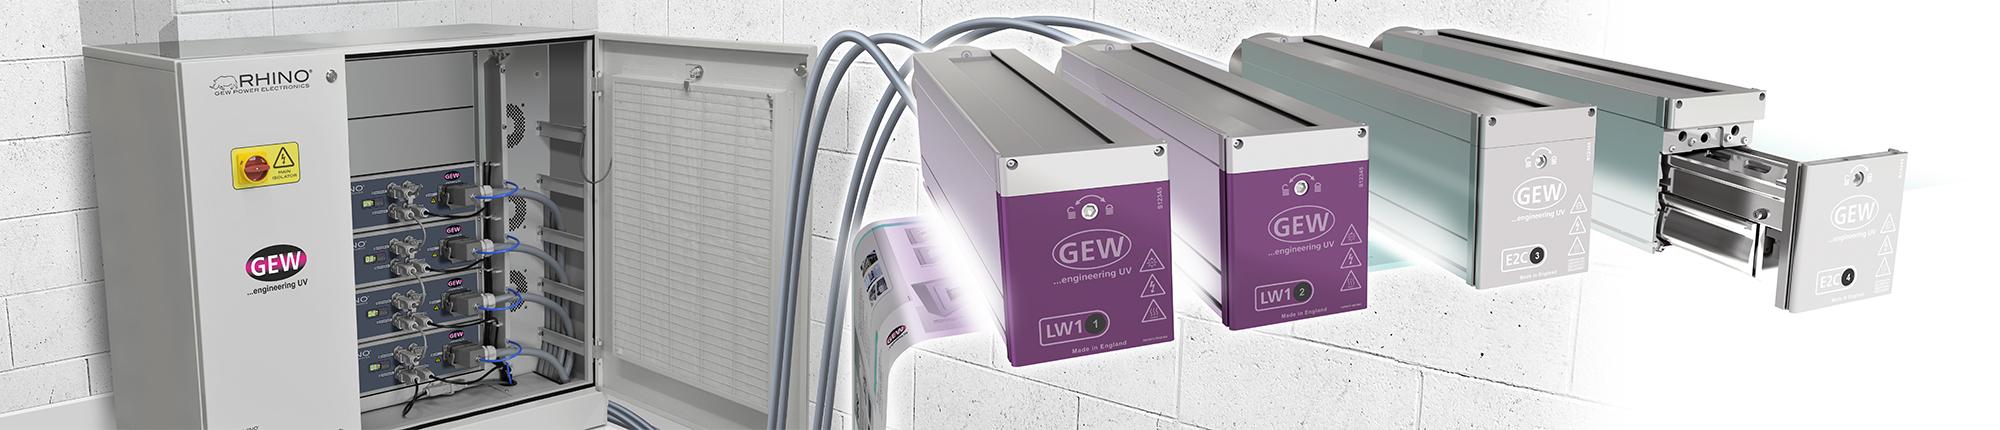 GEW ArcLED RHNIO UV System